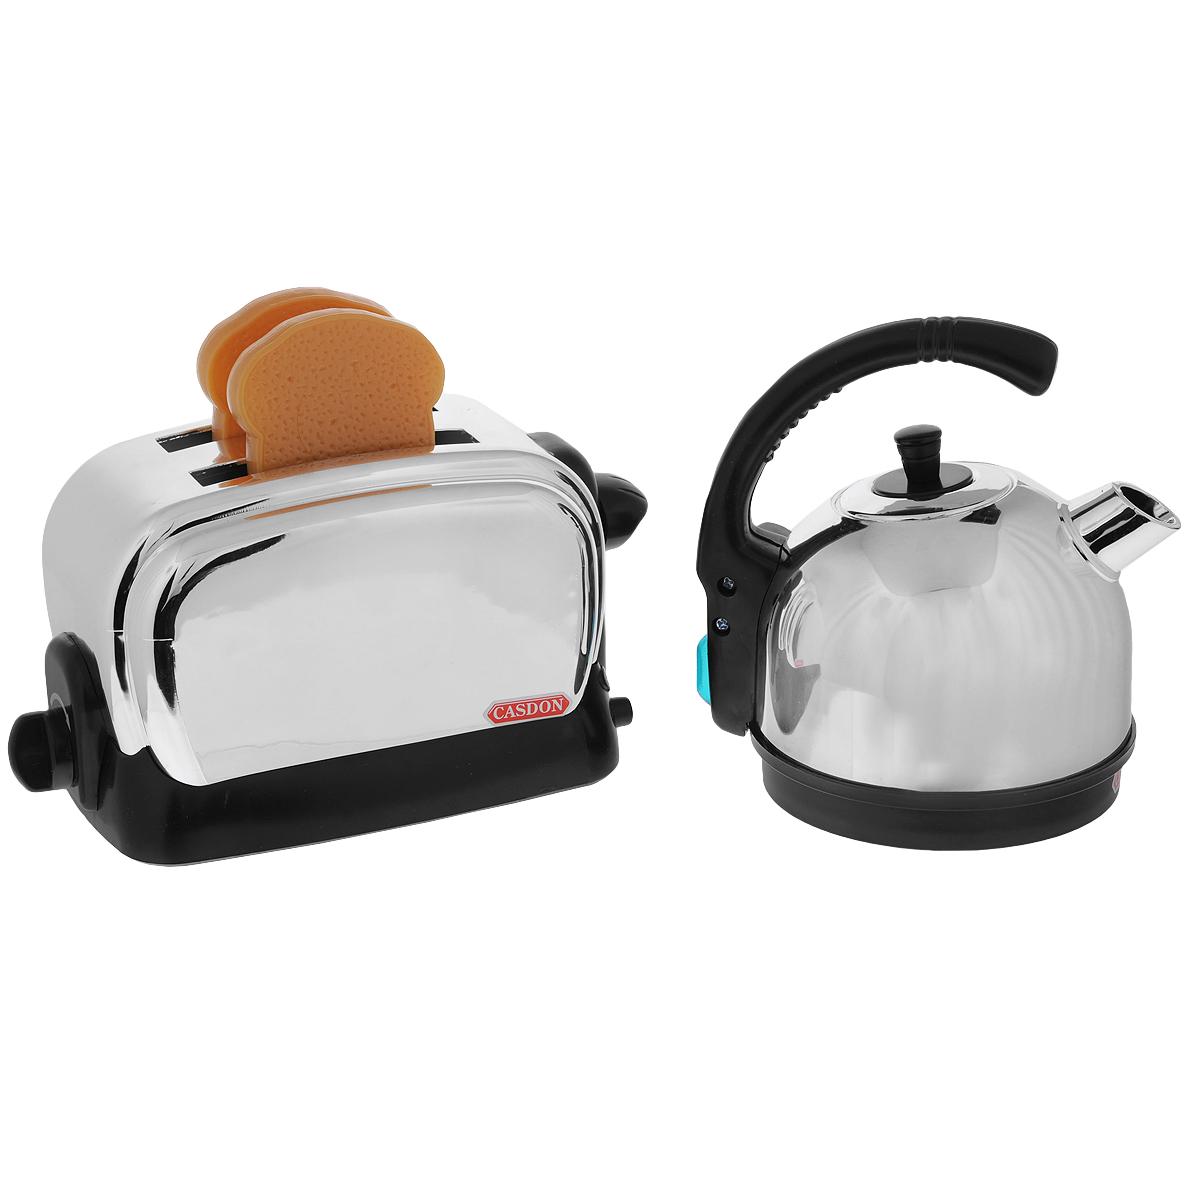 Набор для завтрака Casdon Little Cook, 4 предмета486Набор для завтрака Casdon Little Cook несомненно привлечет внимание вашей малышки и не позволит ей скучать. Набор включает в себя чайник с крышкой и ручкой, тостер и два муляжа кусочков хлеба. Чайник снабжен указателем уровня воды, а тостер имеет таймер. Сюжетно-ролевые игры с набором Casdon Little Cook способствуют развитию мелкой моторики рук, координации движений, фантазии и воображения, расширяют словарный запас, прививают некоторые социальные навыки.